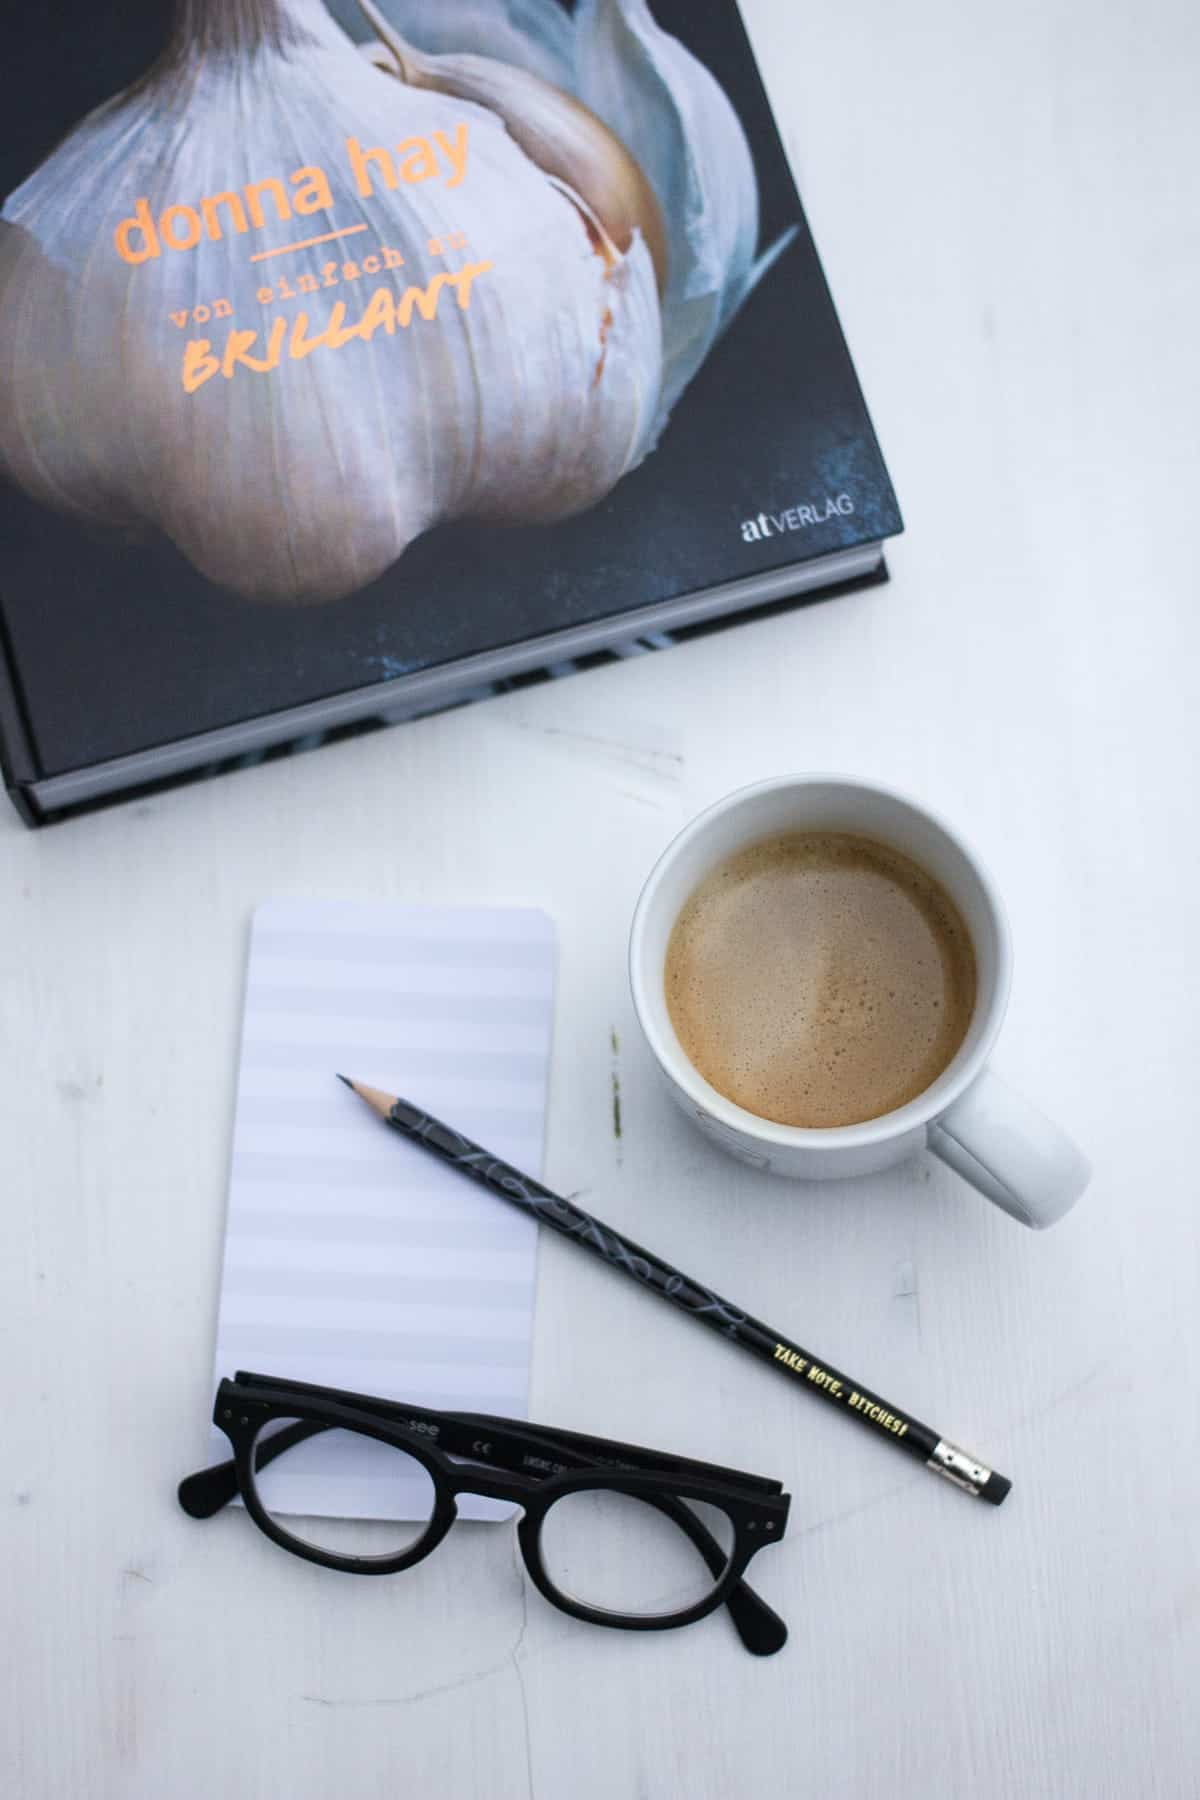 von einfach zu brilliant | Donna Hay | Kochbuch | SOAP|KITCHEN|STYLE